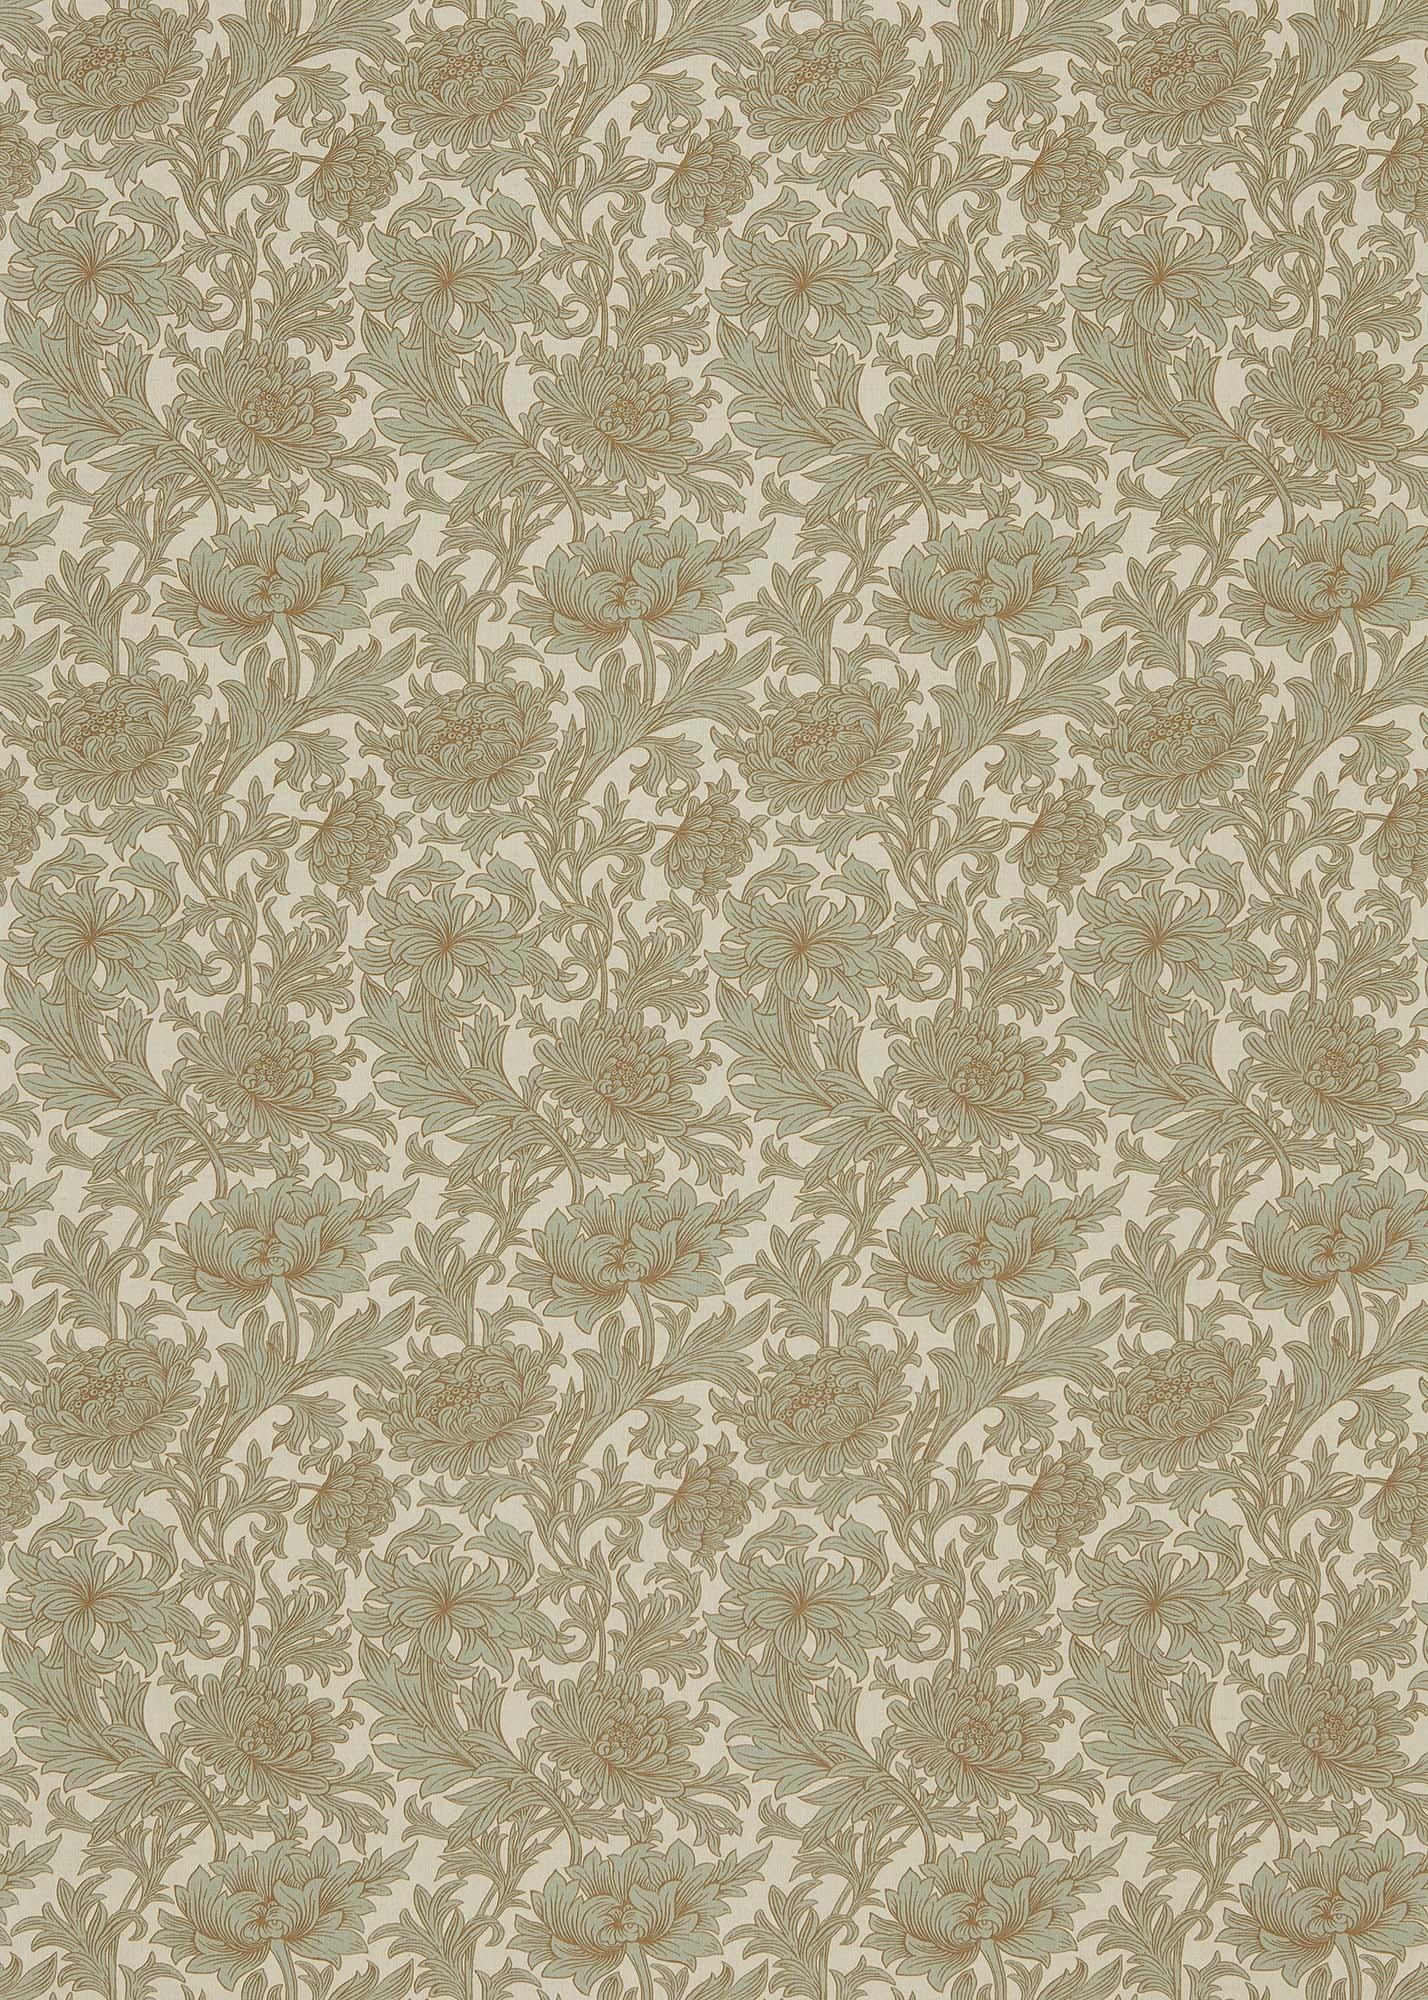 ウィリアムモリス生地 Chrysanthemum Toile DMCOCH-201